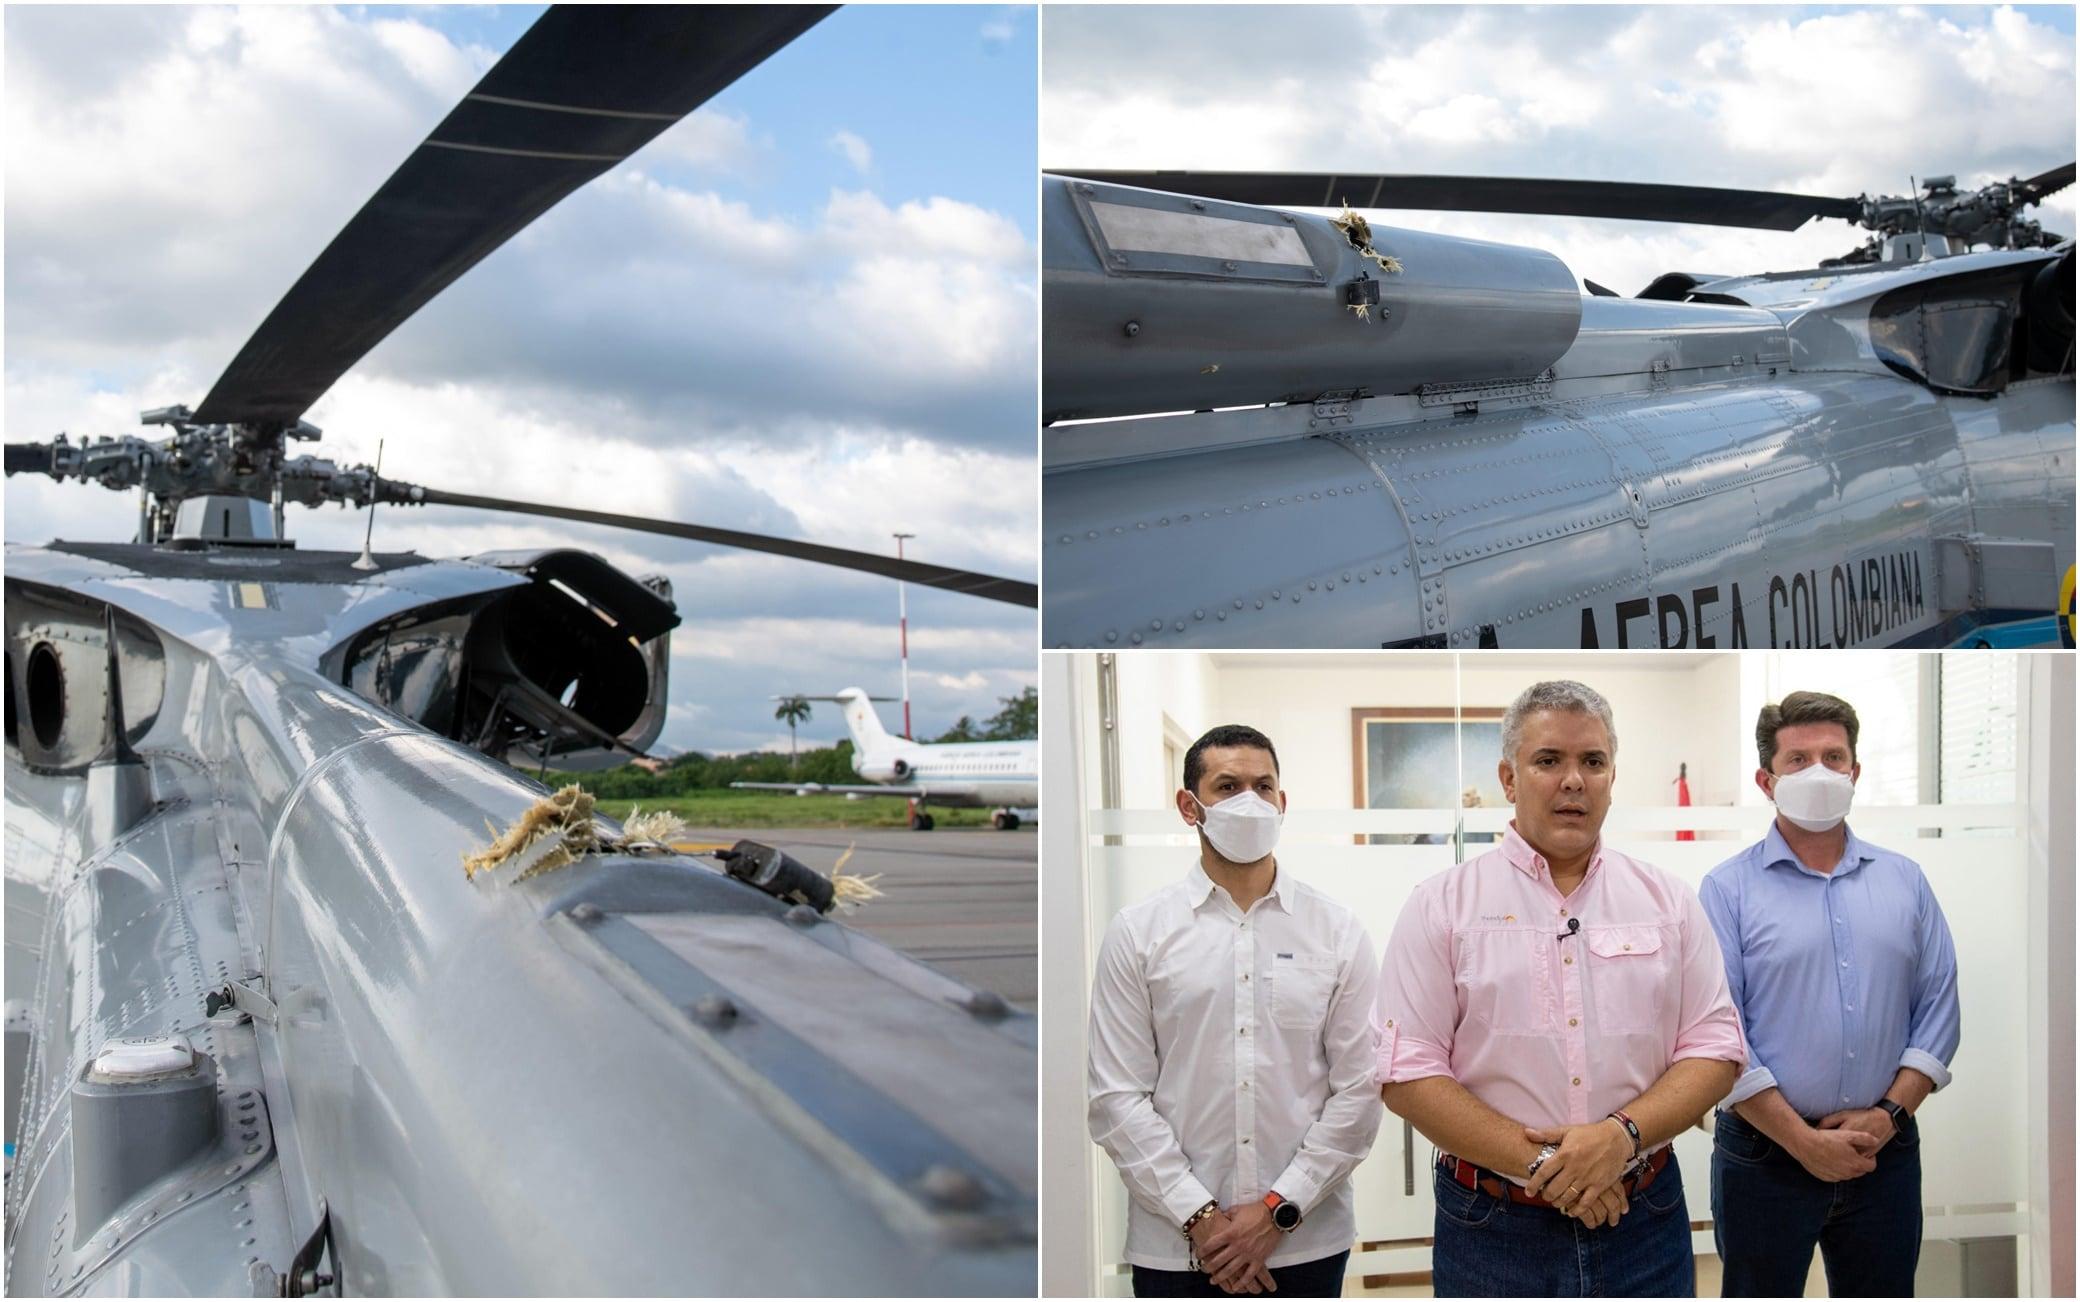 L'elicottero del presidente della Colombia colpito